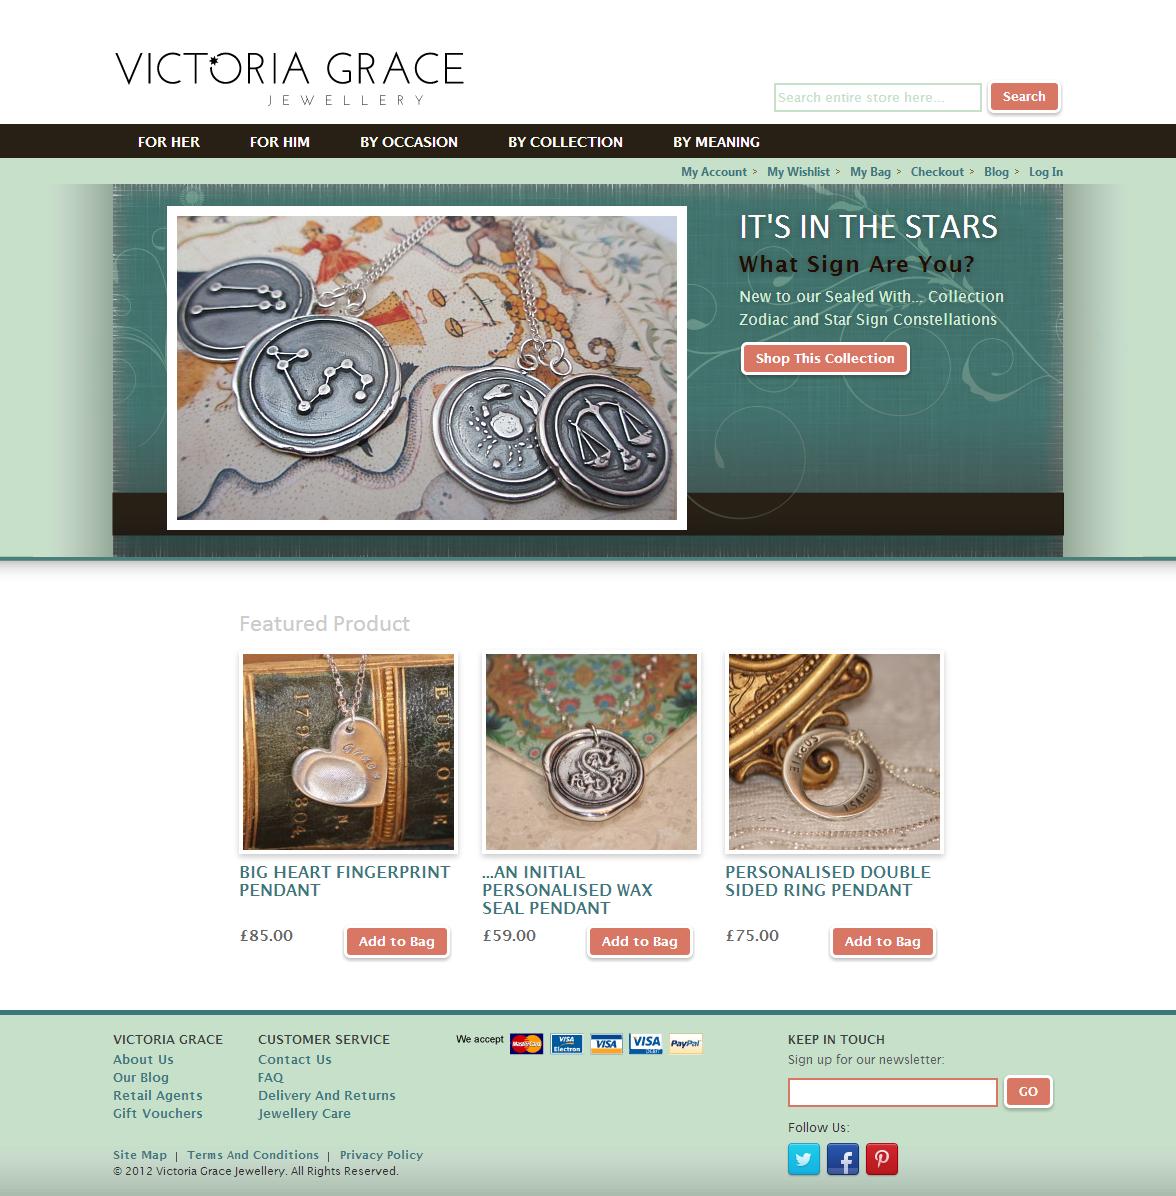 VictoriaGrace